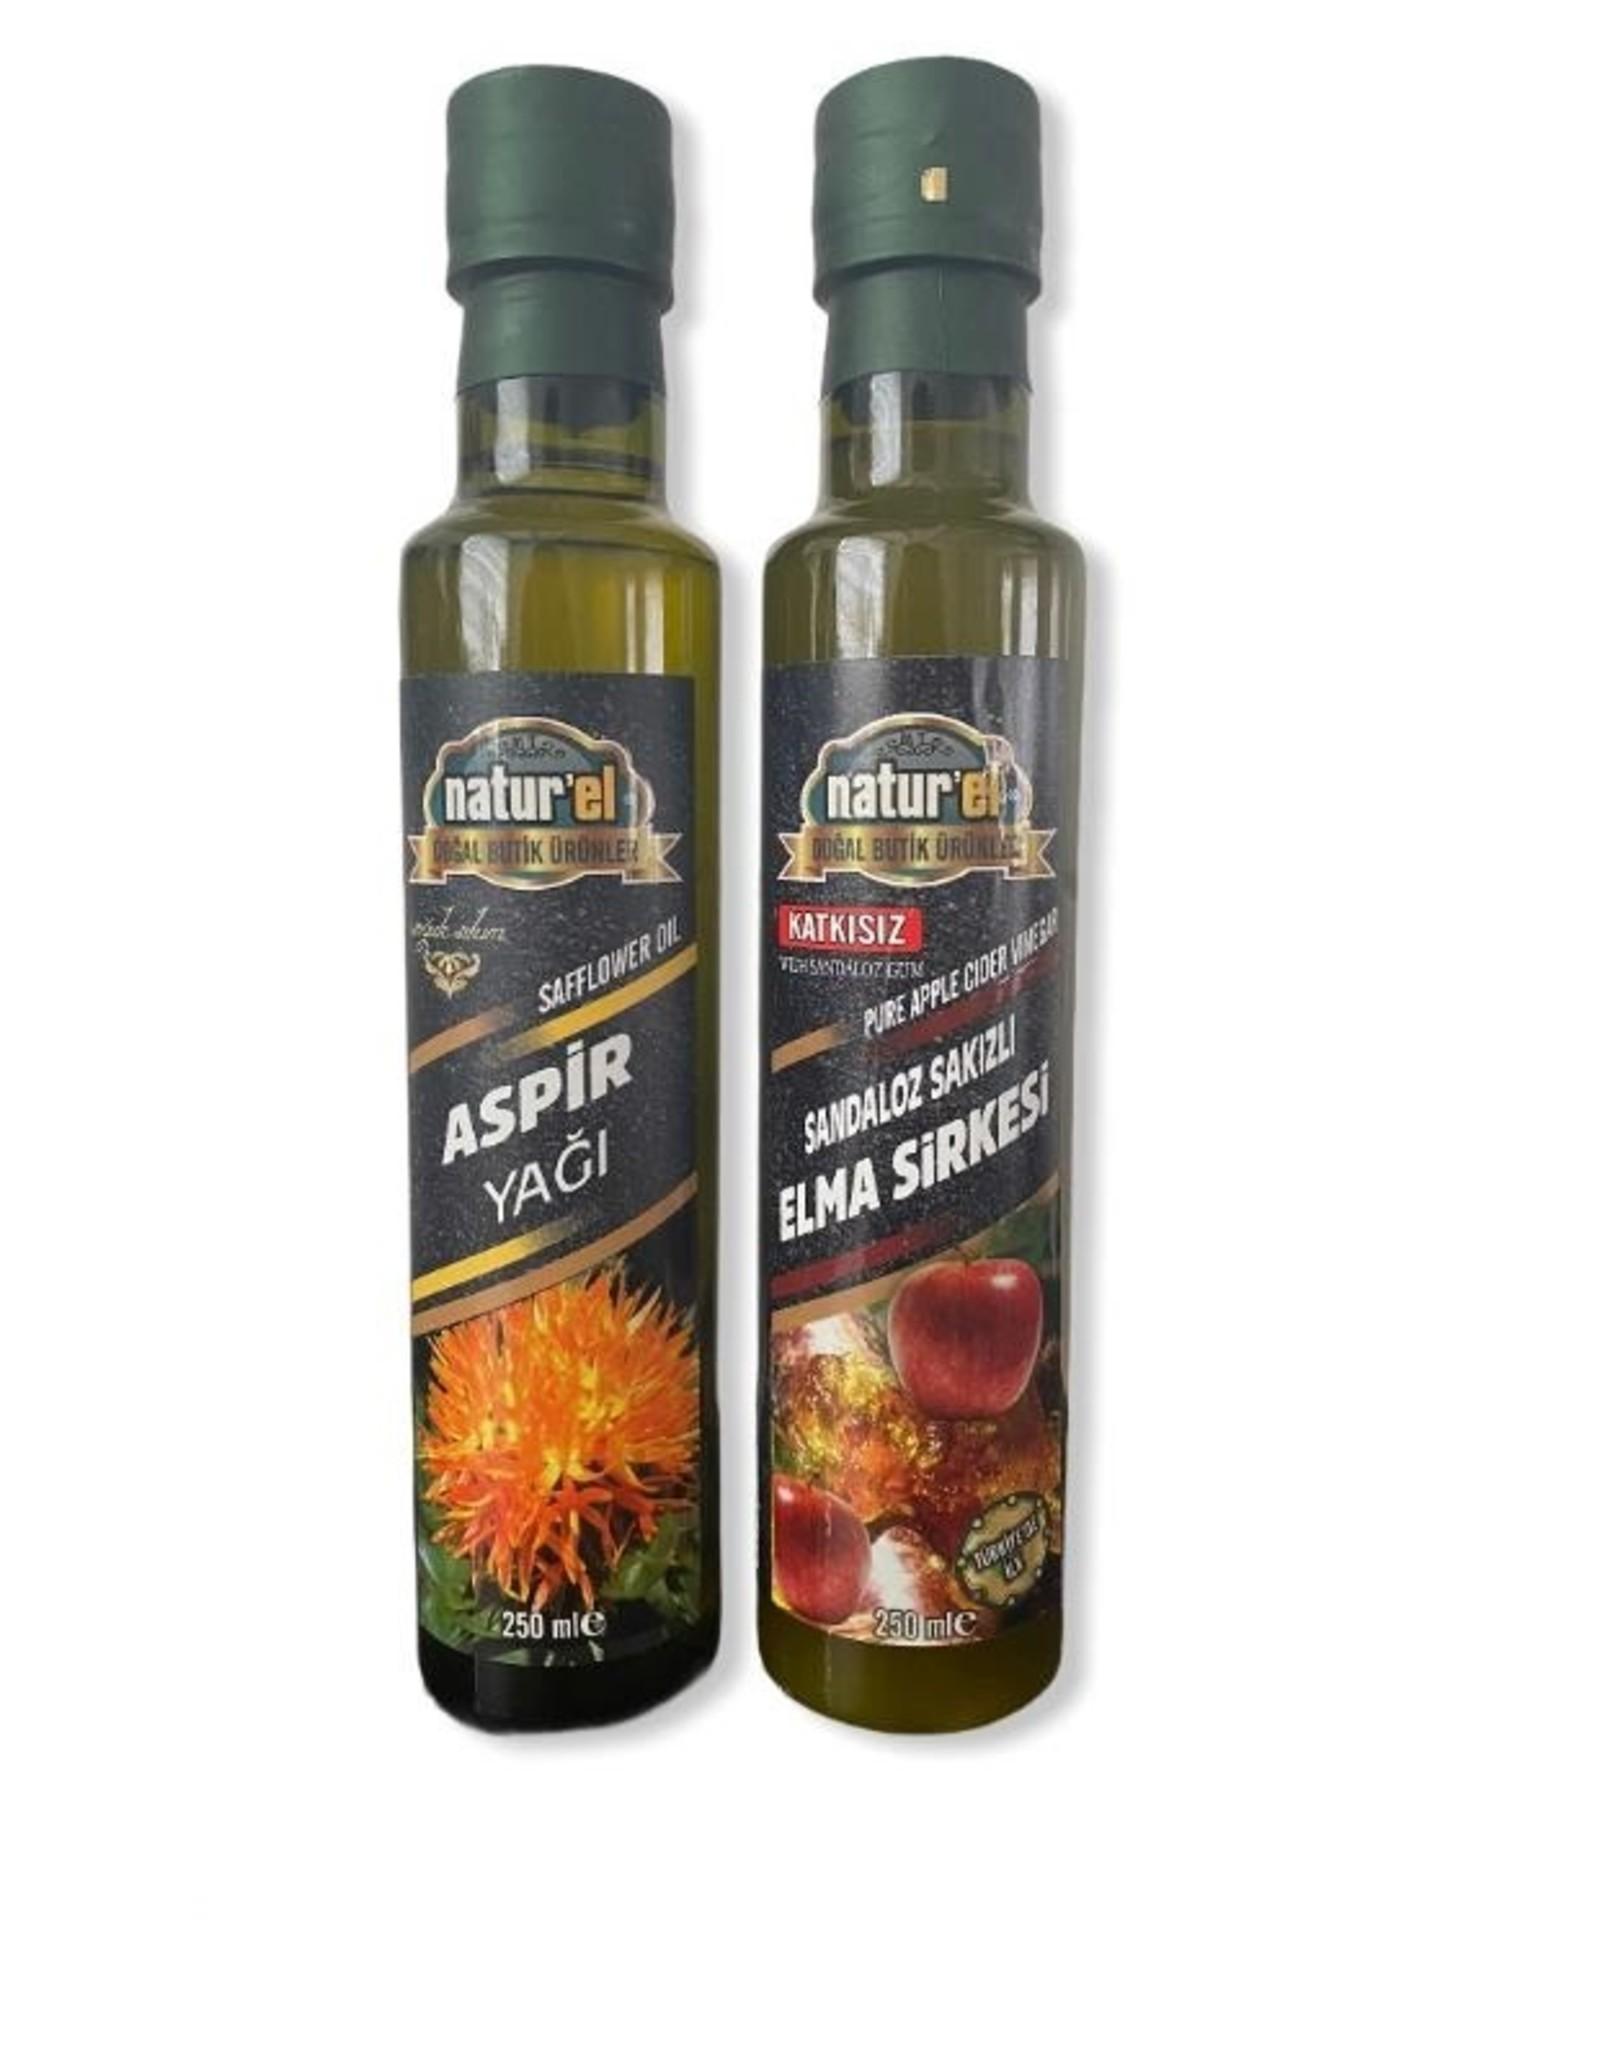 Herbal Drogist Naturel Aspir Yağı & Sandoloz Sakızlı Elma Sirkesi 250ml